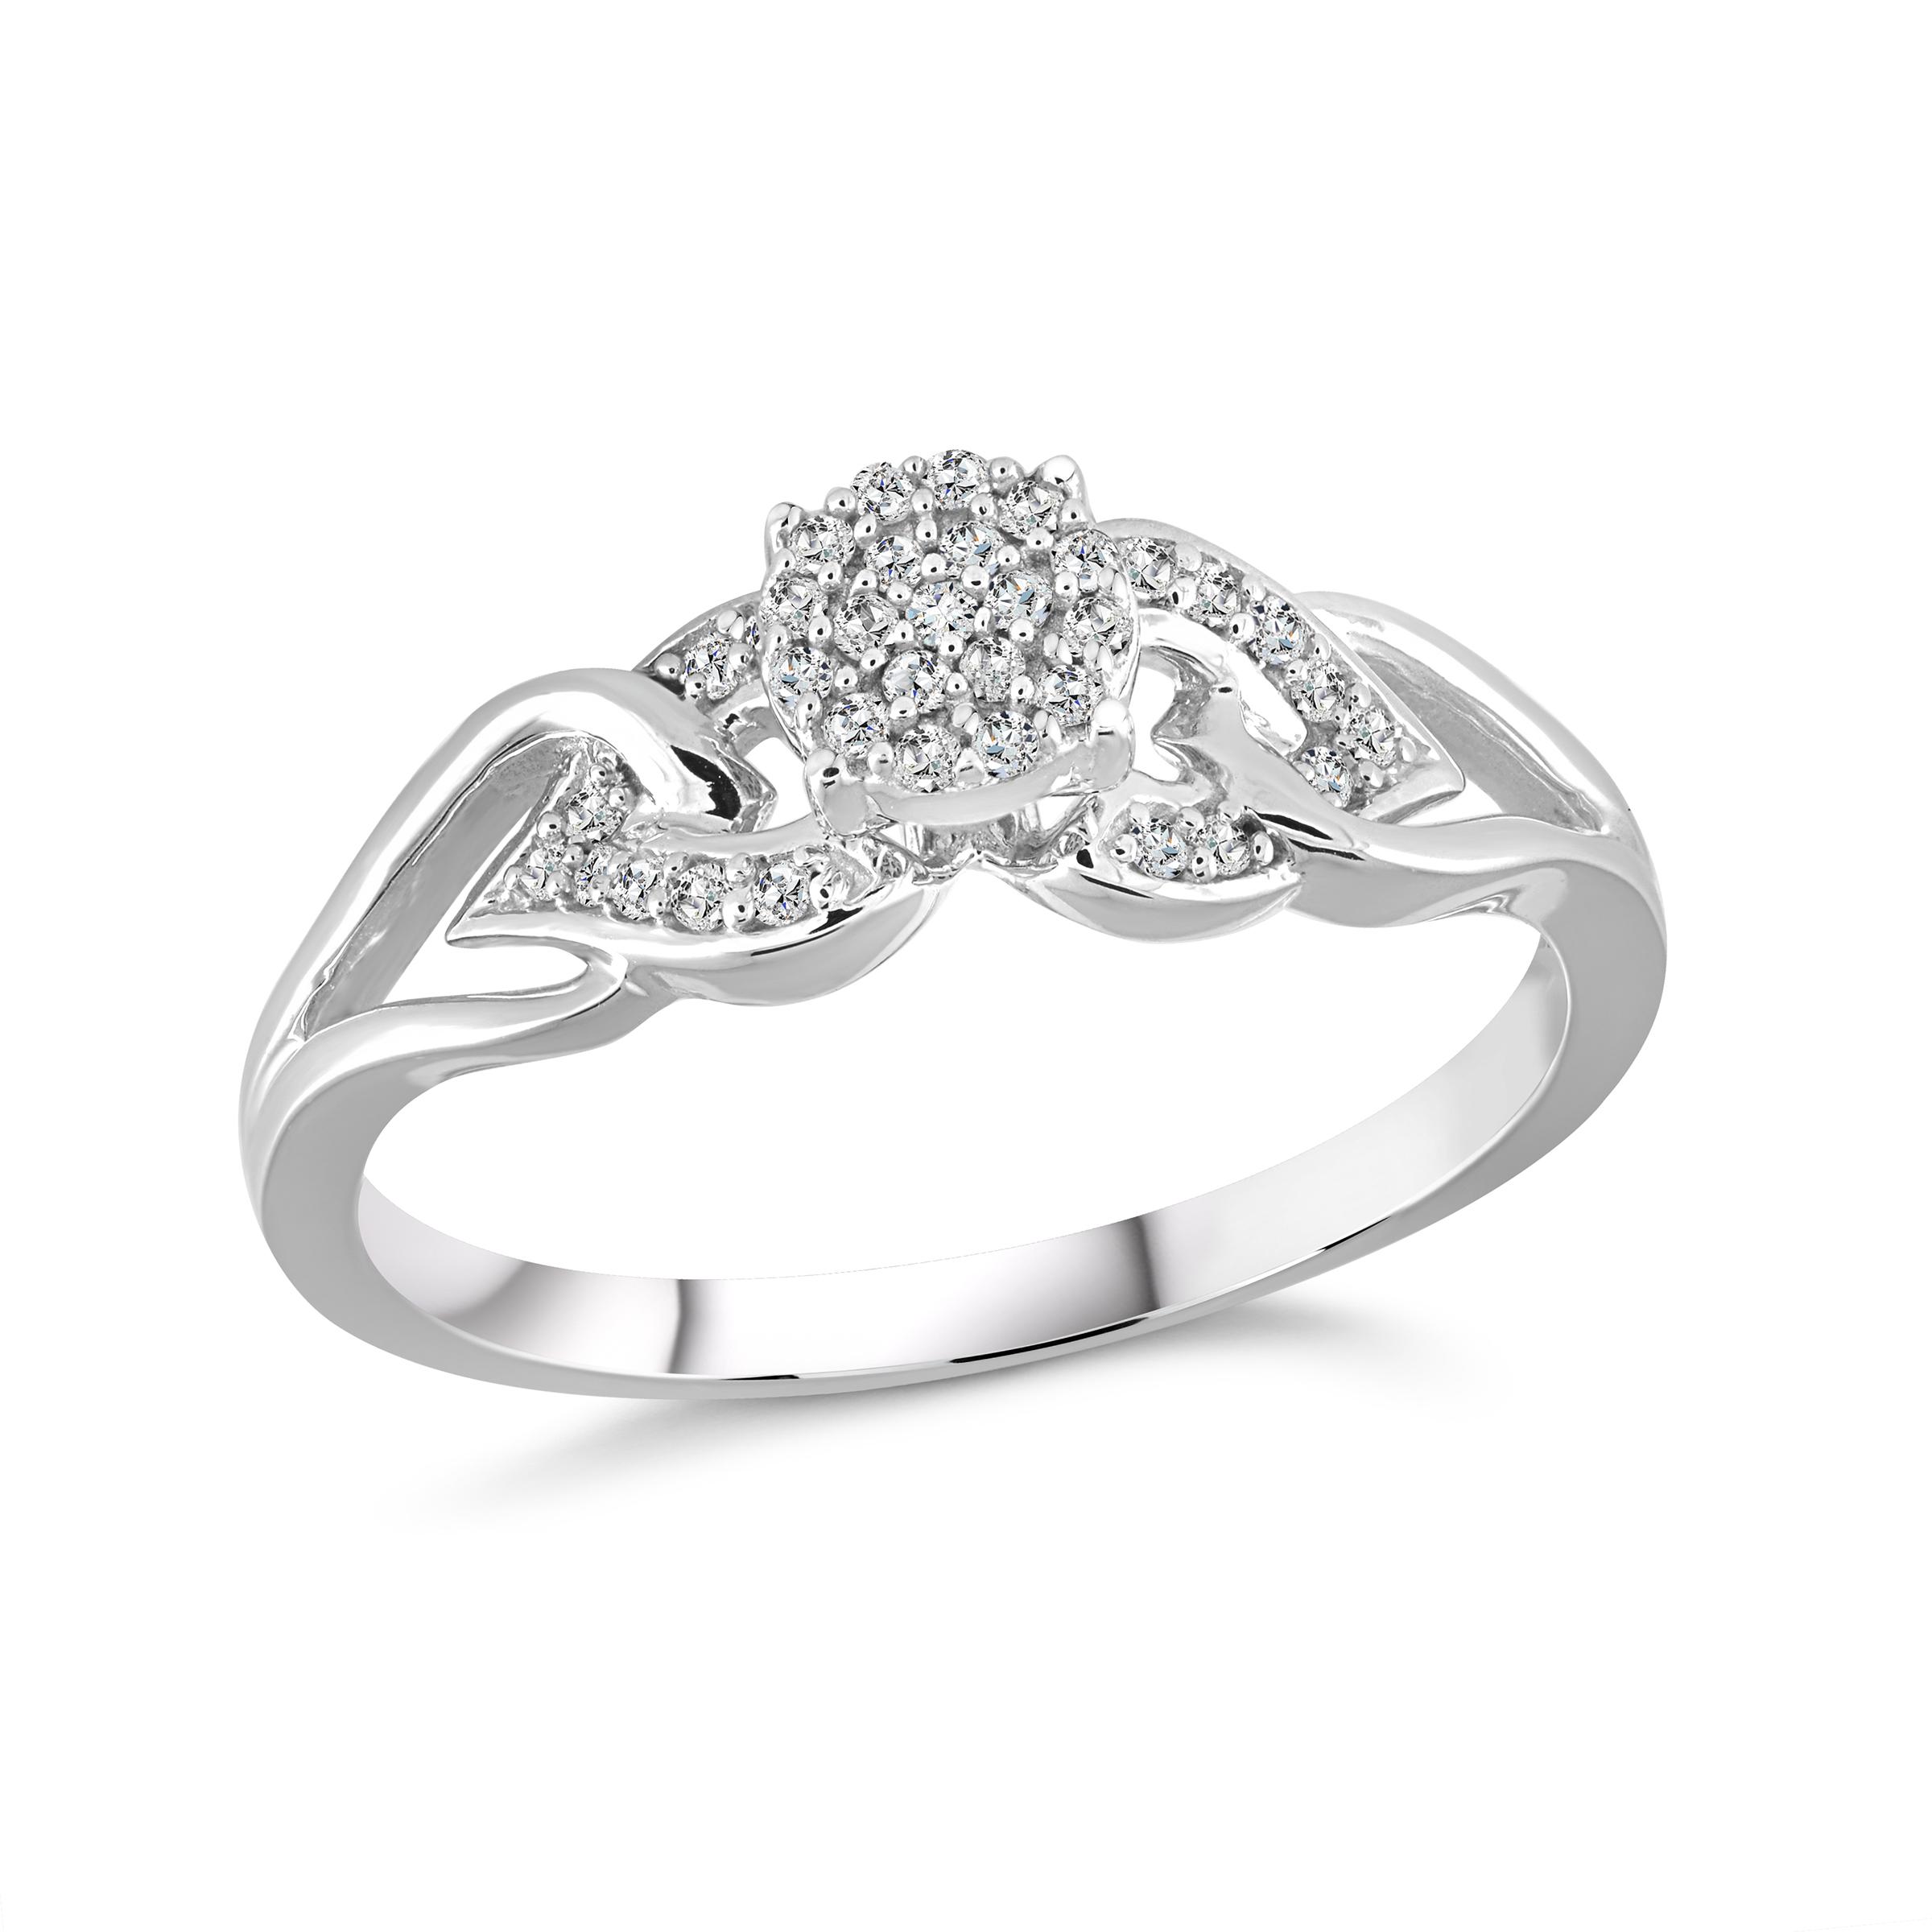 Bague de fiançailles - Or blanc 10K & Diamants totalisant 0.12 Carat